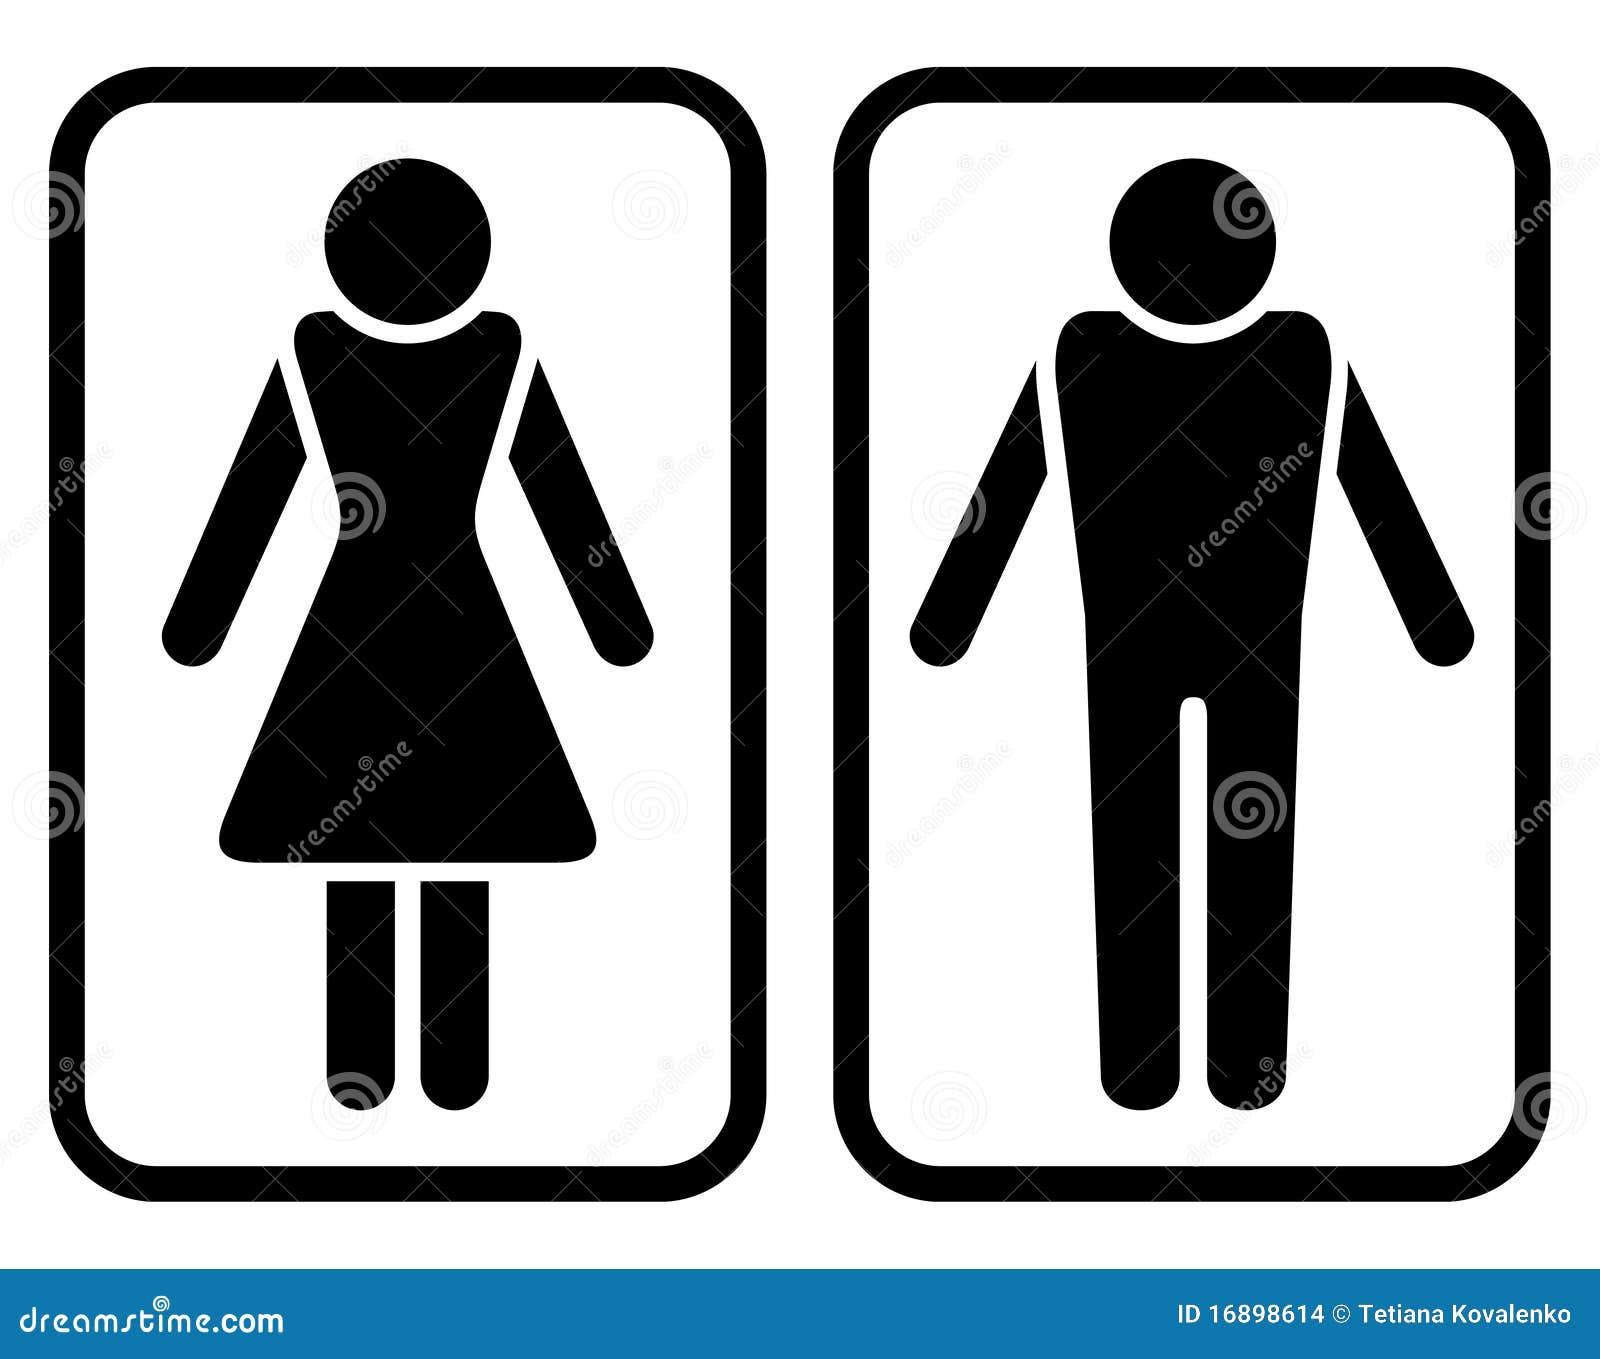 Símbolo masculino y femenino -> Símbolo Banheiro Feminino